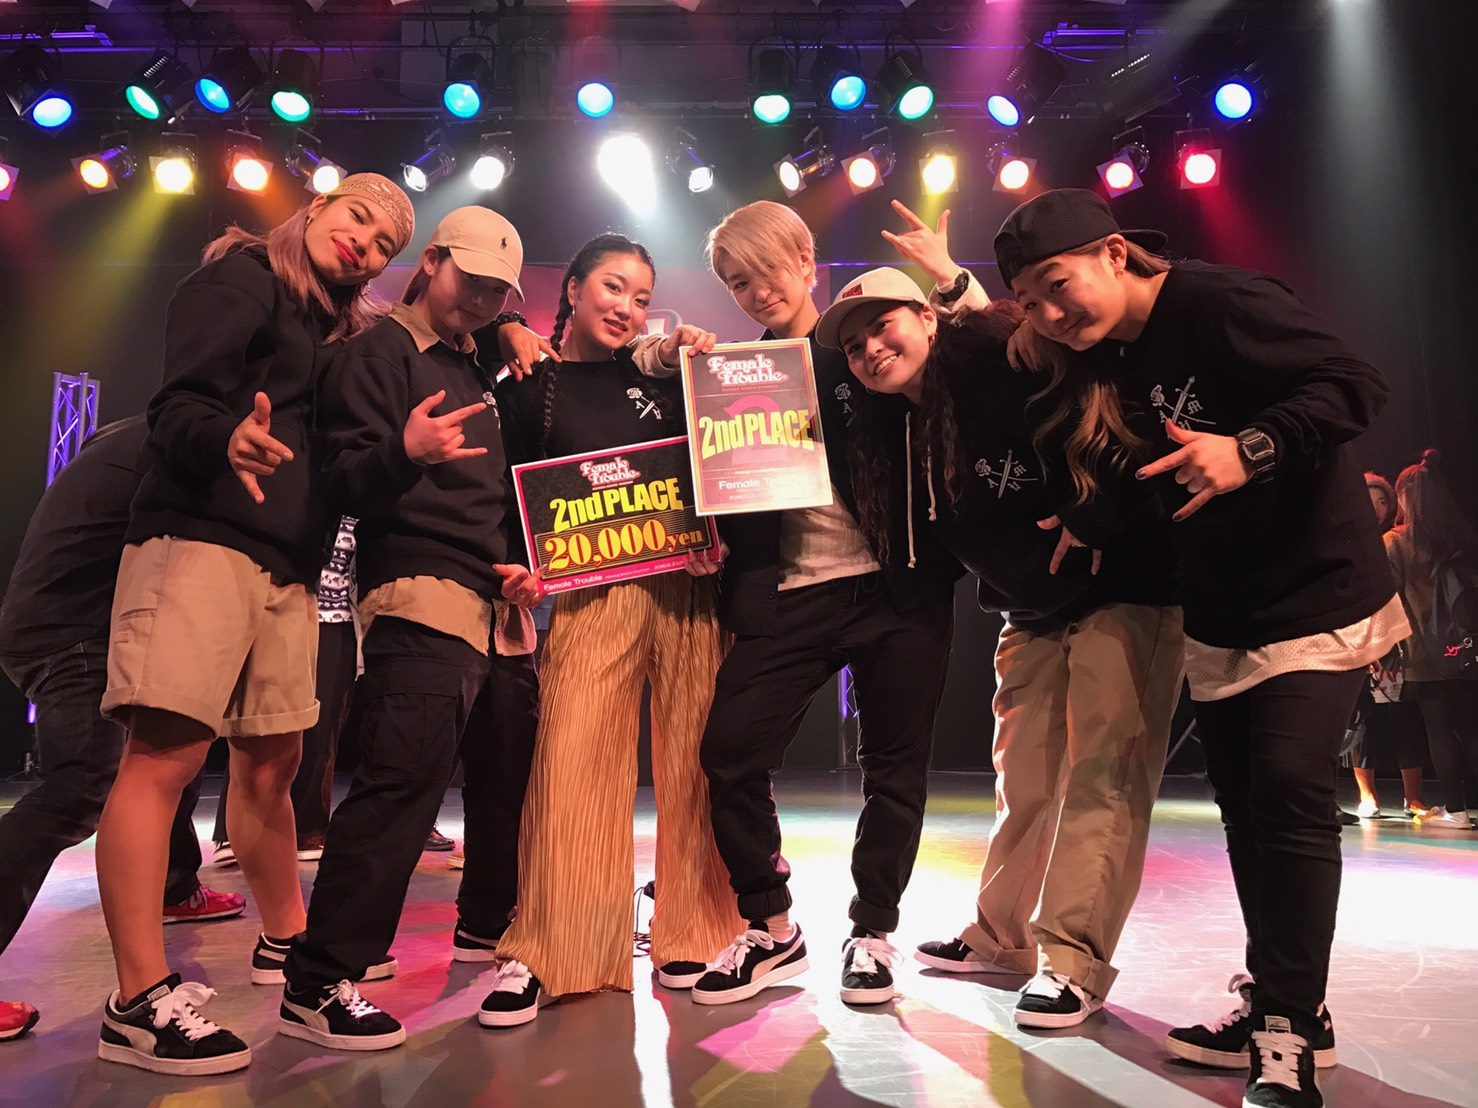 DANCE ALIVE ファイナル最多出場・2度の優勝経験を持つスーパーダンサー「Yumeki(BAD QUEEN)」。挫折と栄光のこれまでの道をDewsがインタビュー!